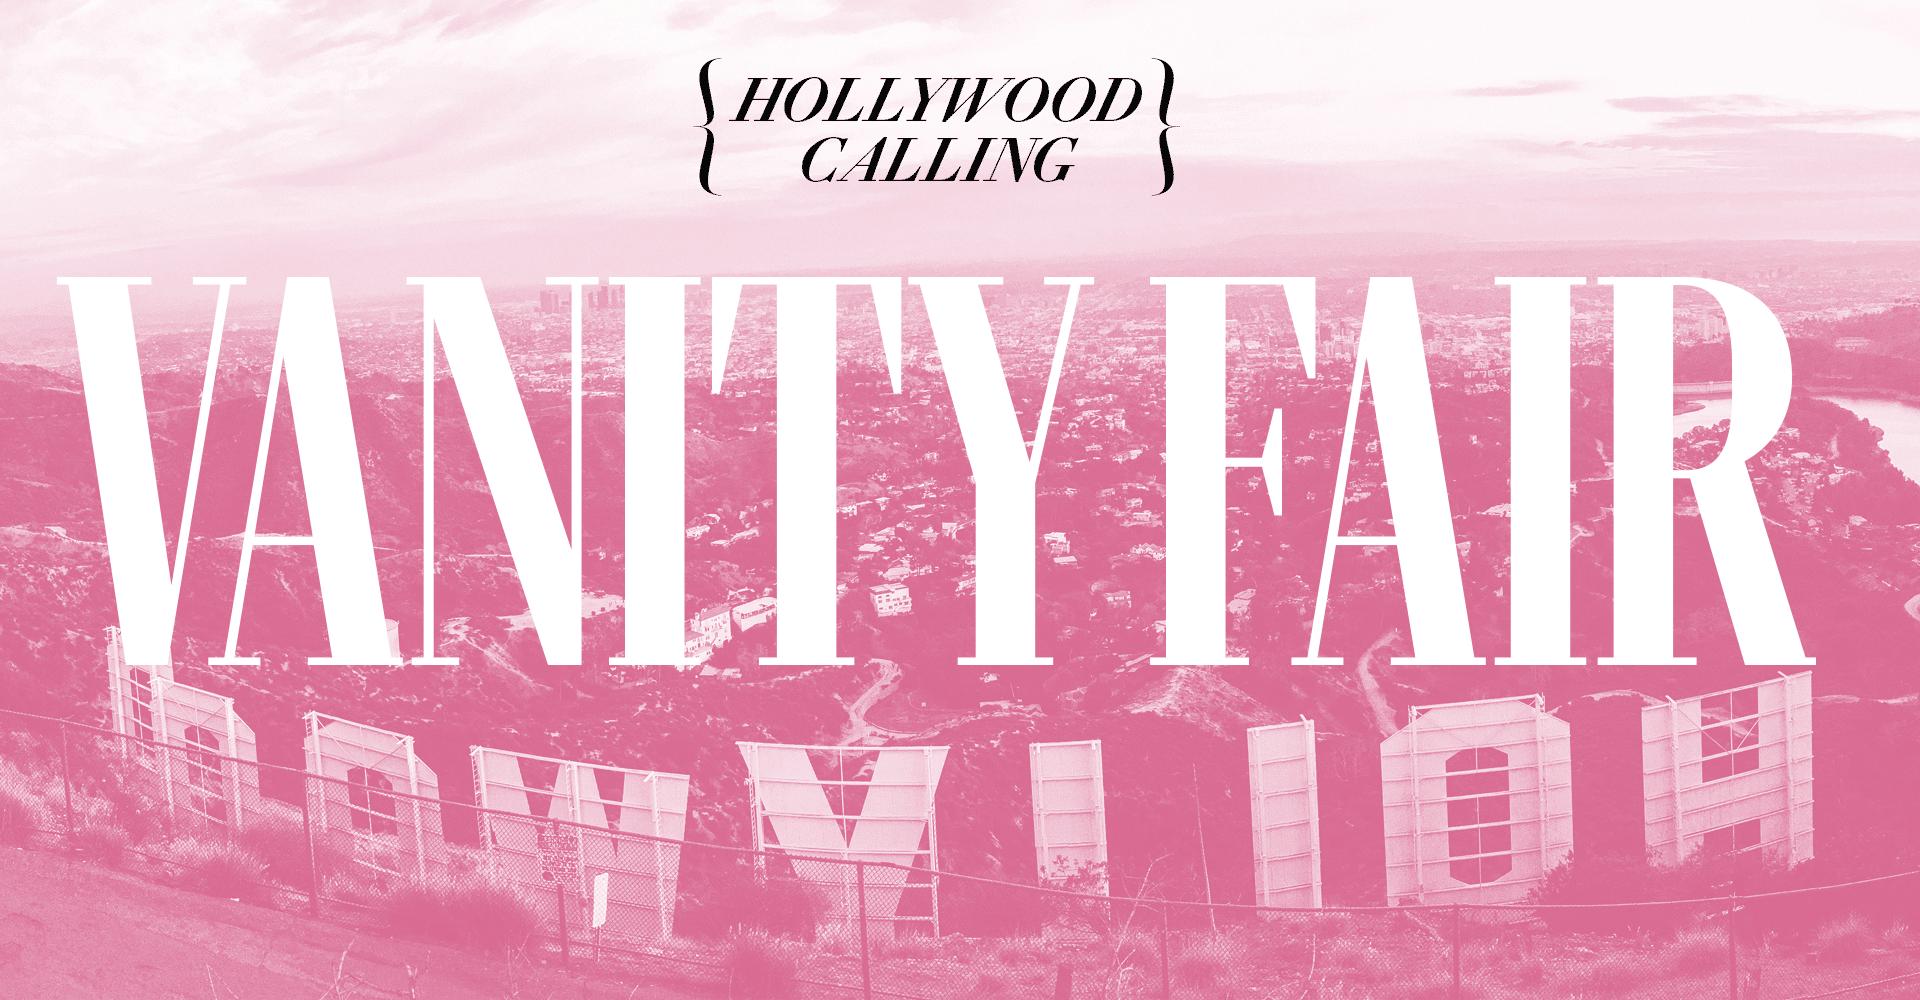 Vanity Fair: Hollywood Calling